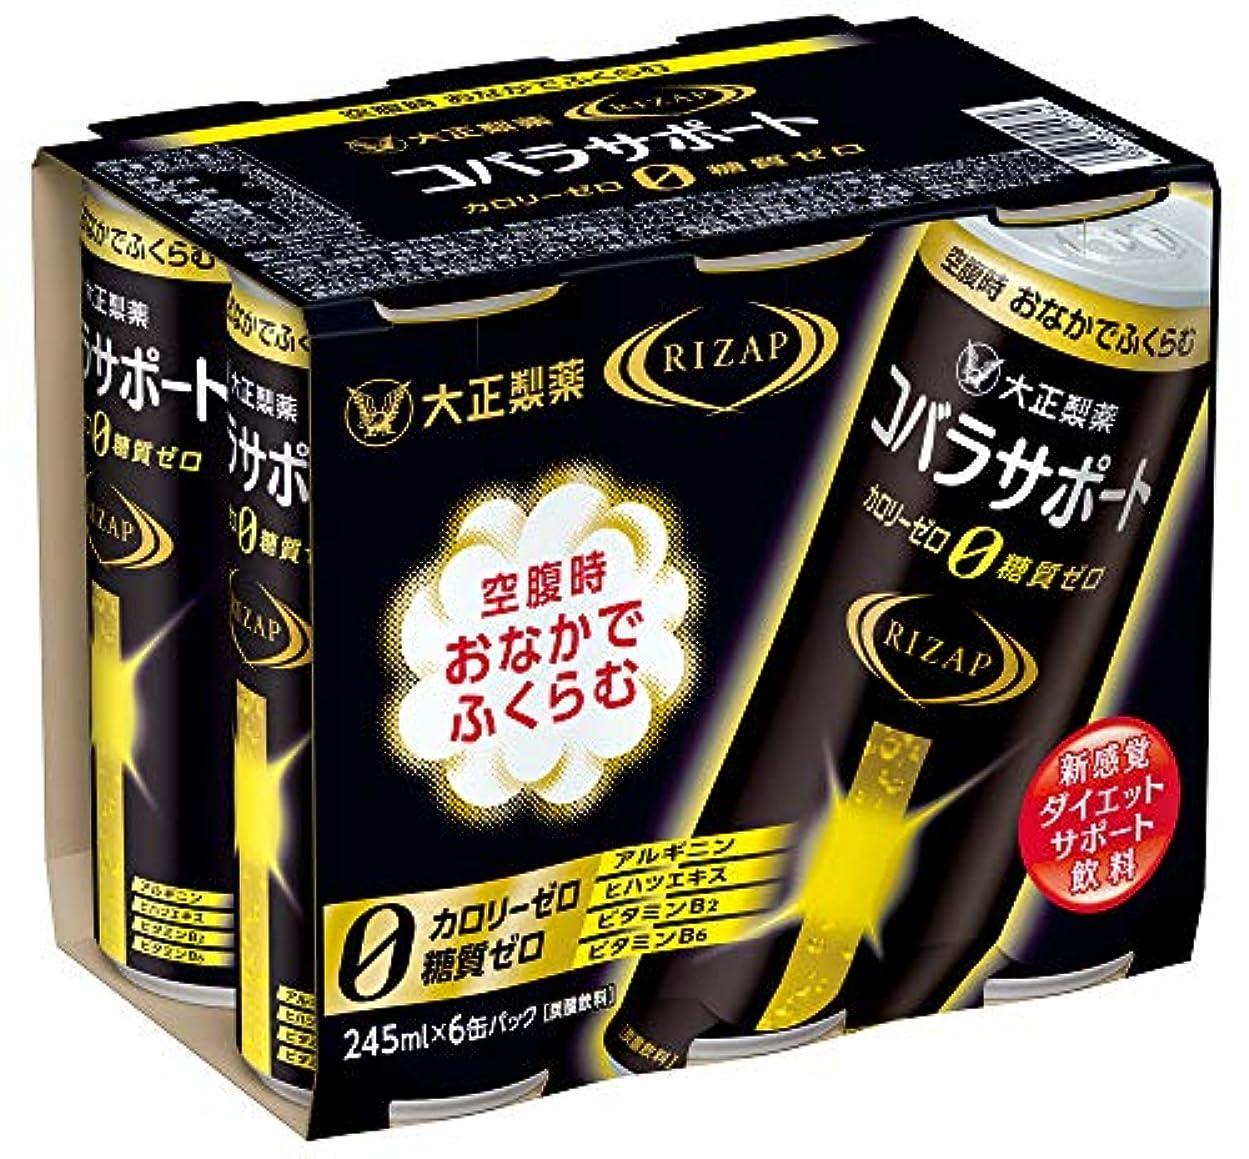 保持する俳句ドキドキコバラサポートR 6本セット【期間限定】【ライザップコラボ品】